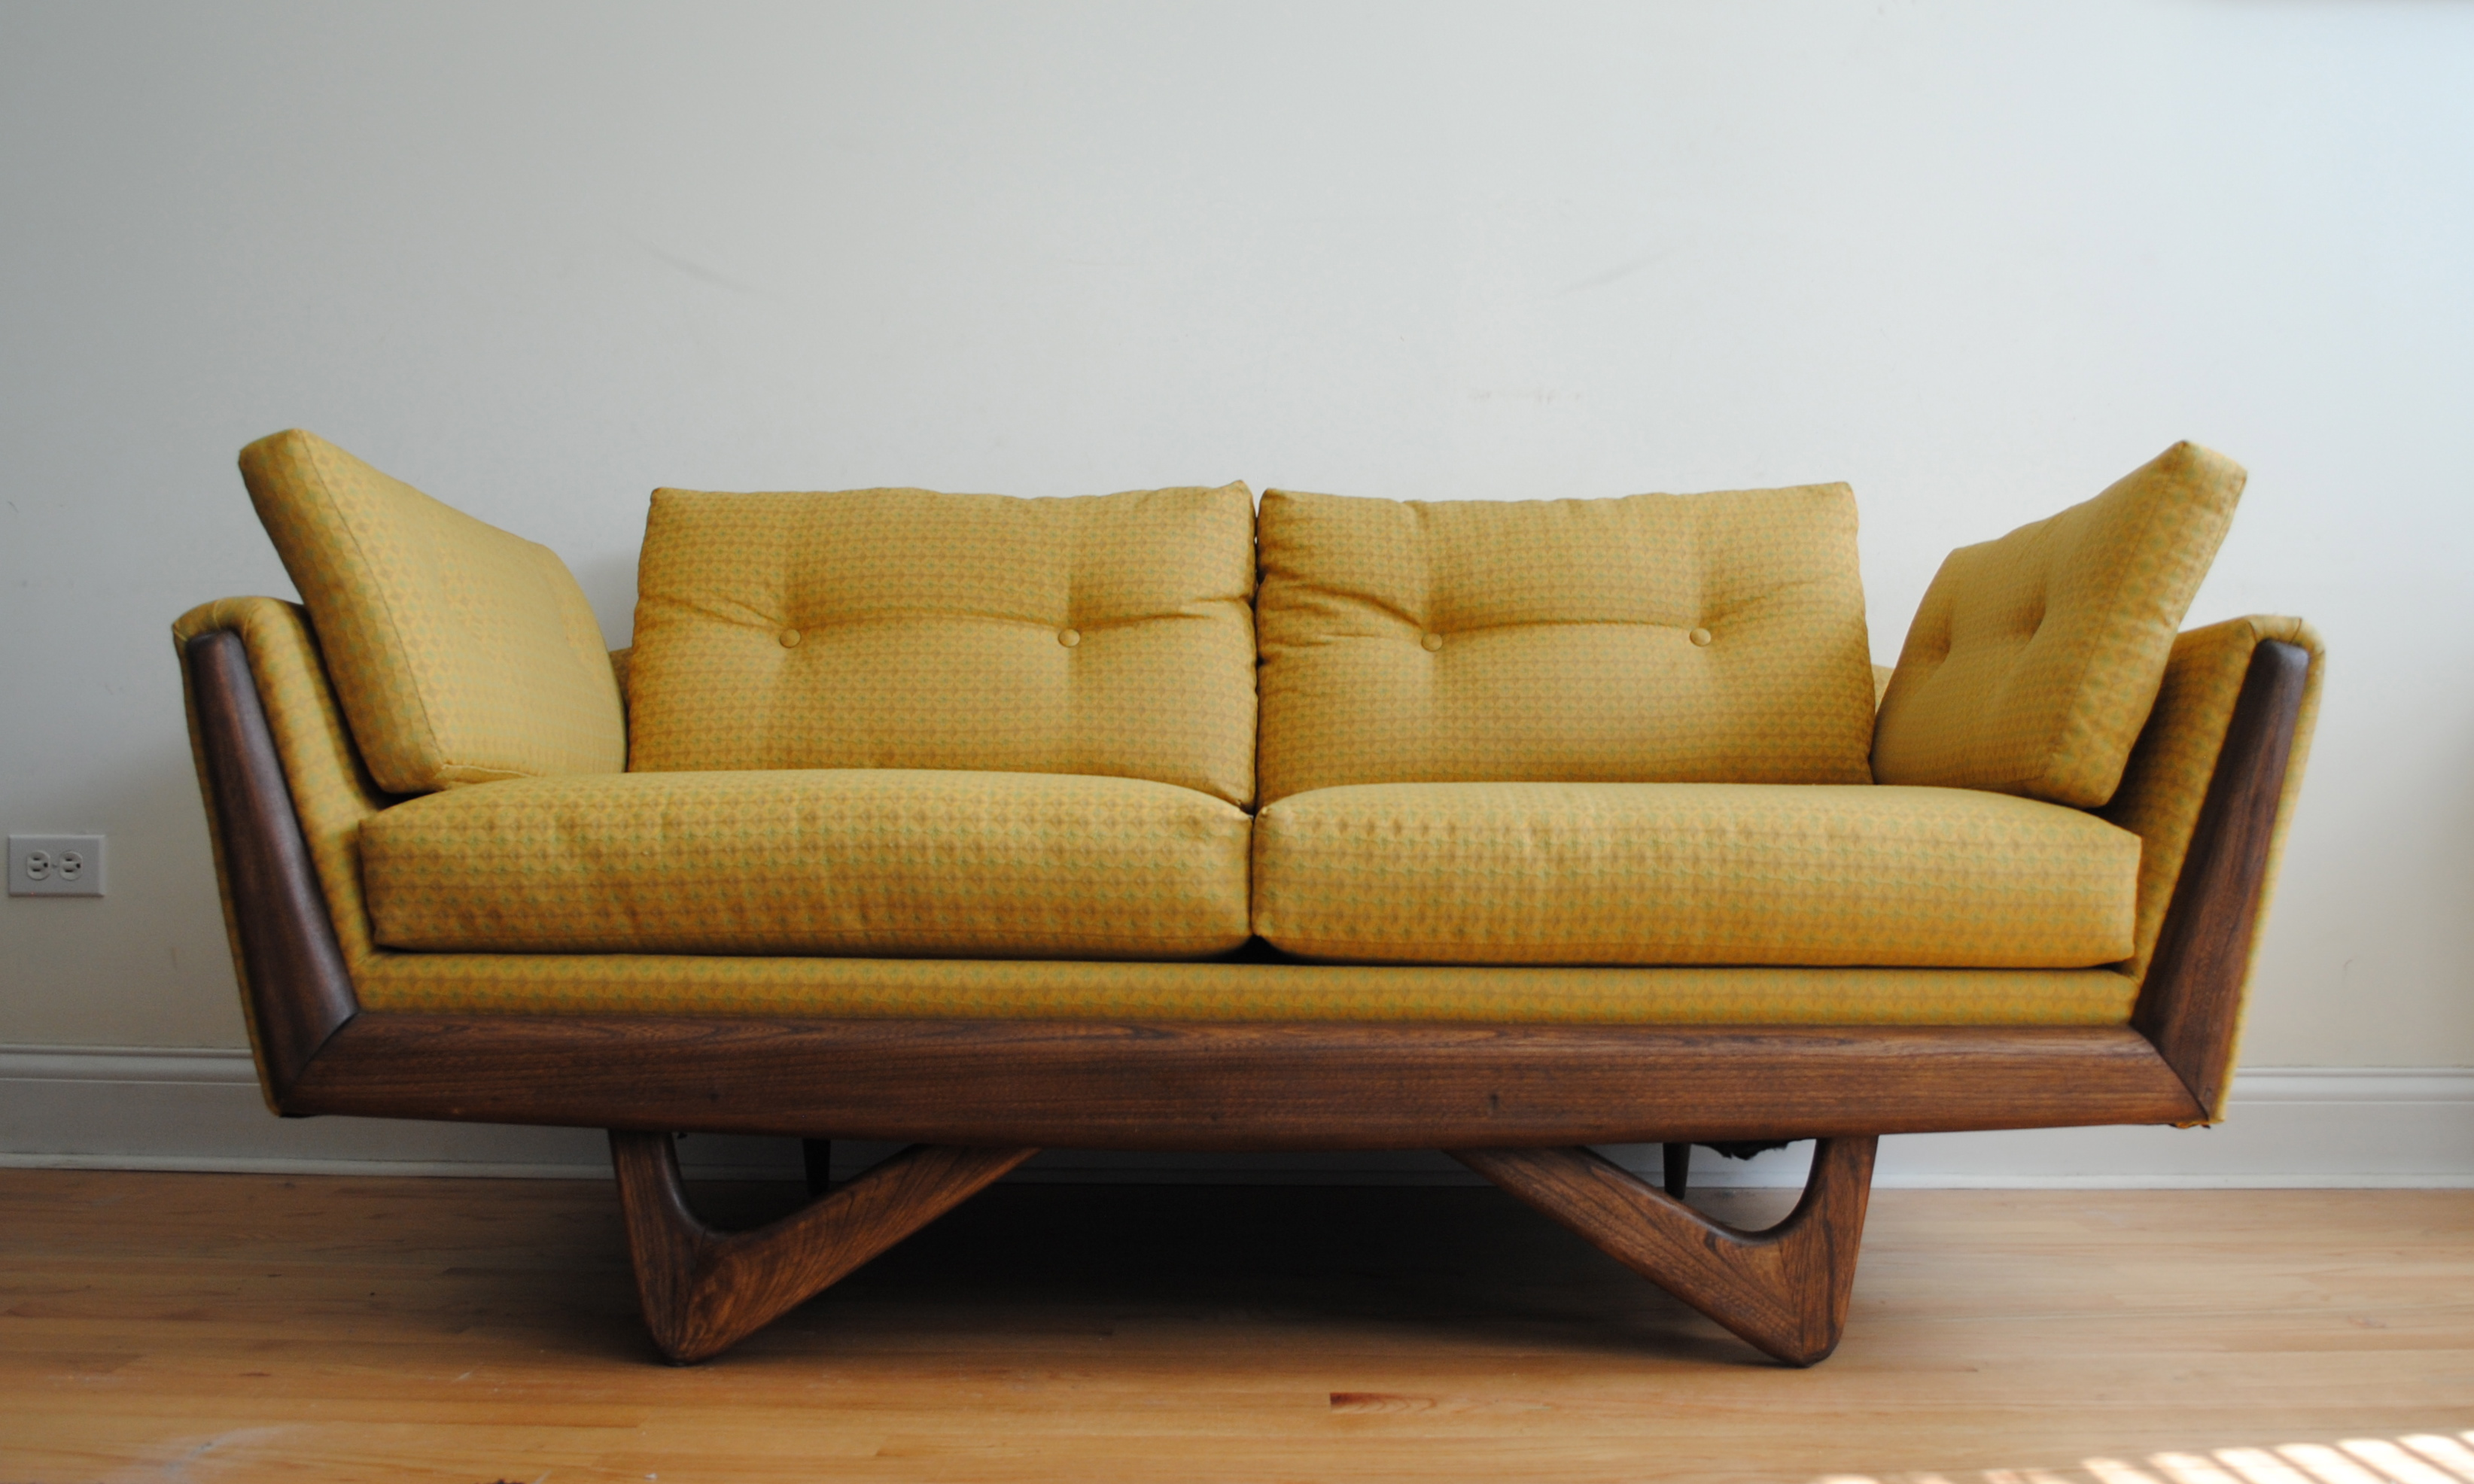 dsc dsc dsc dsc dsc dsc. mid century modern adrian pearsall sofa  phylum furniture